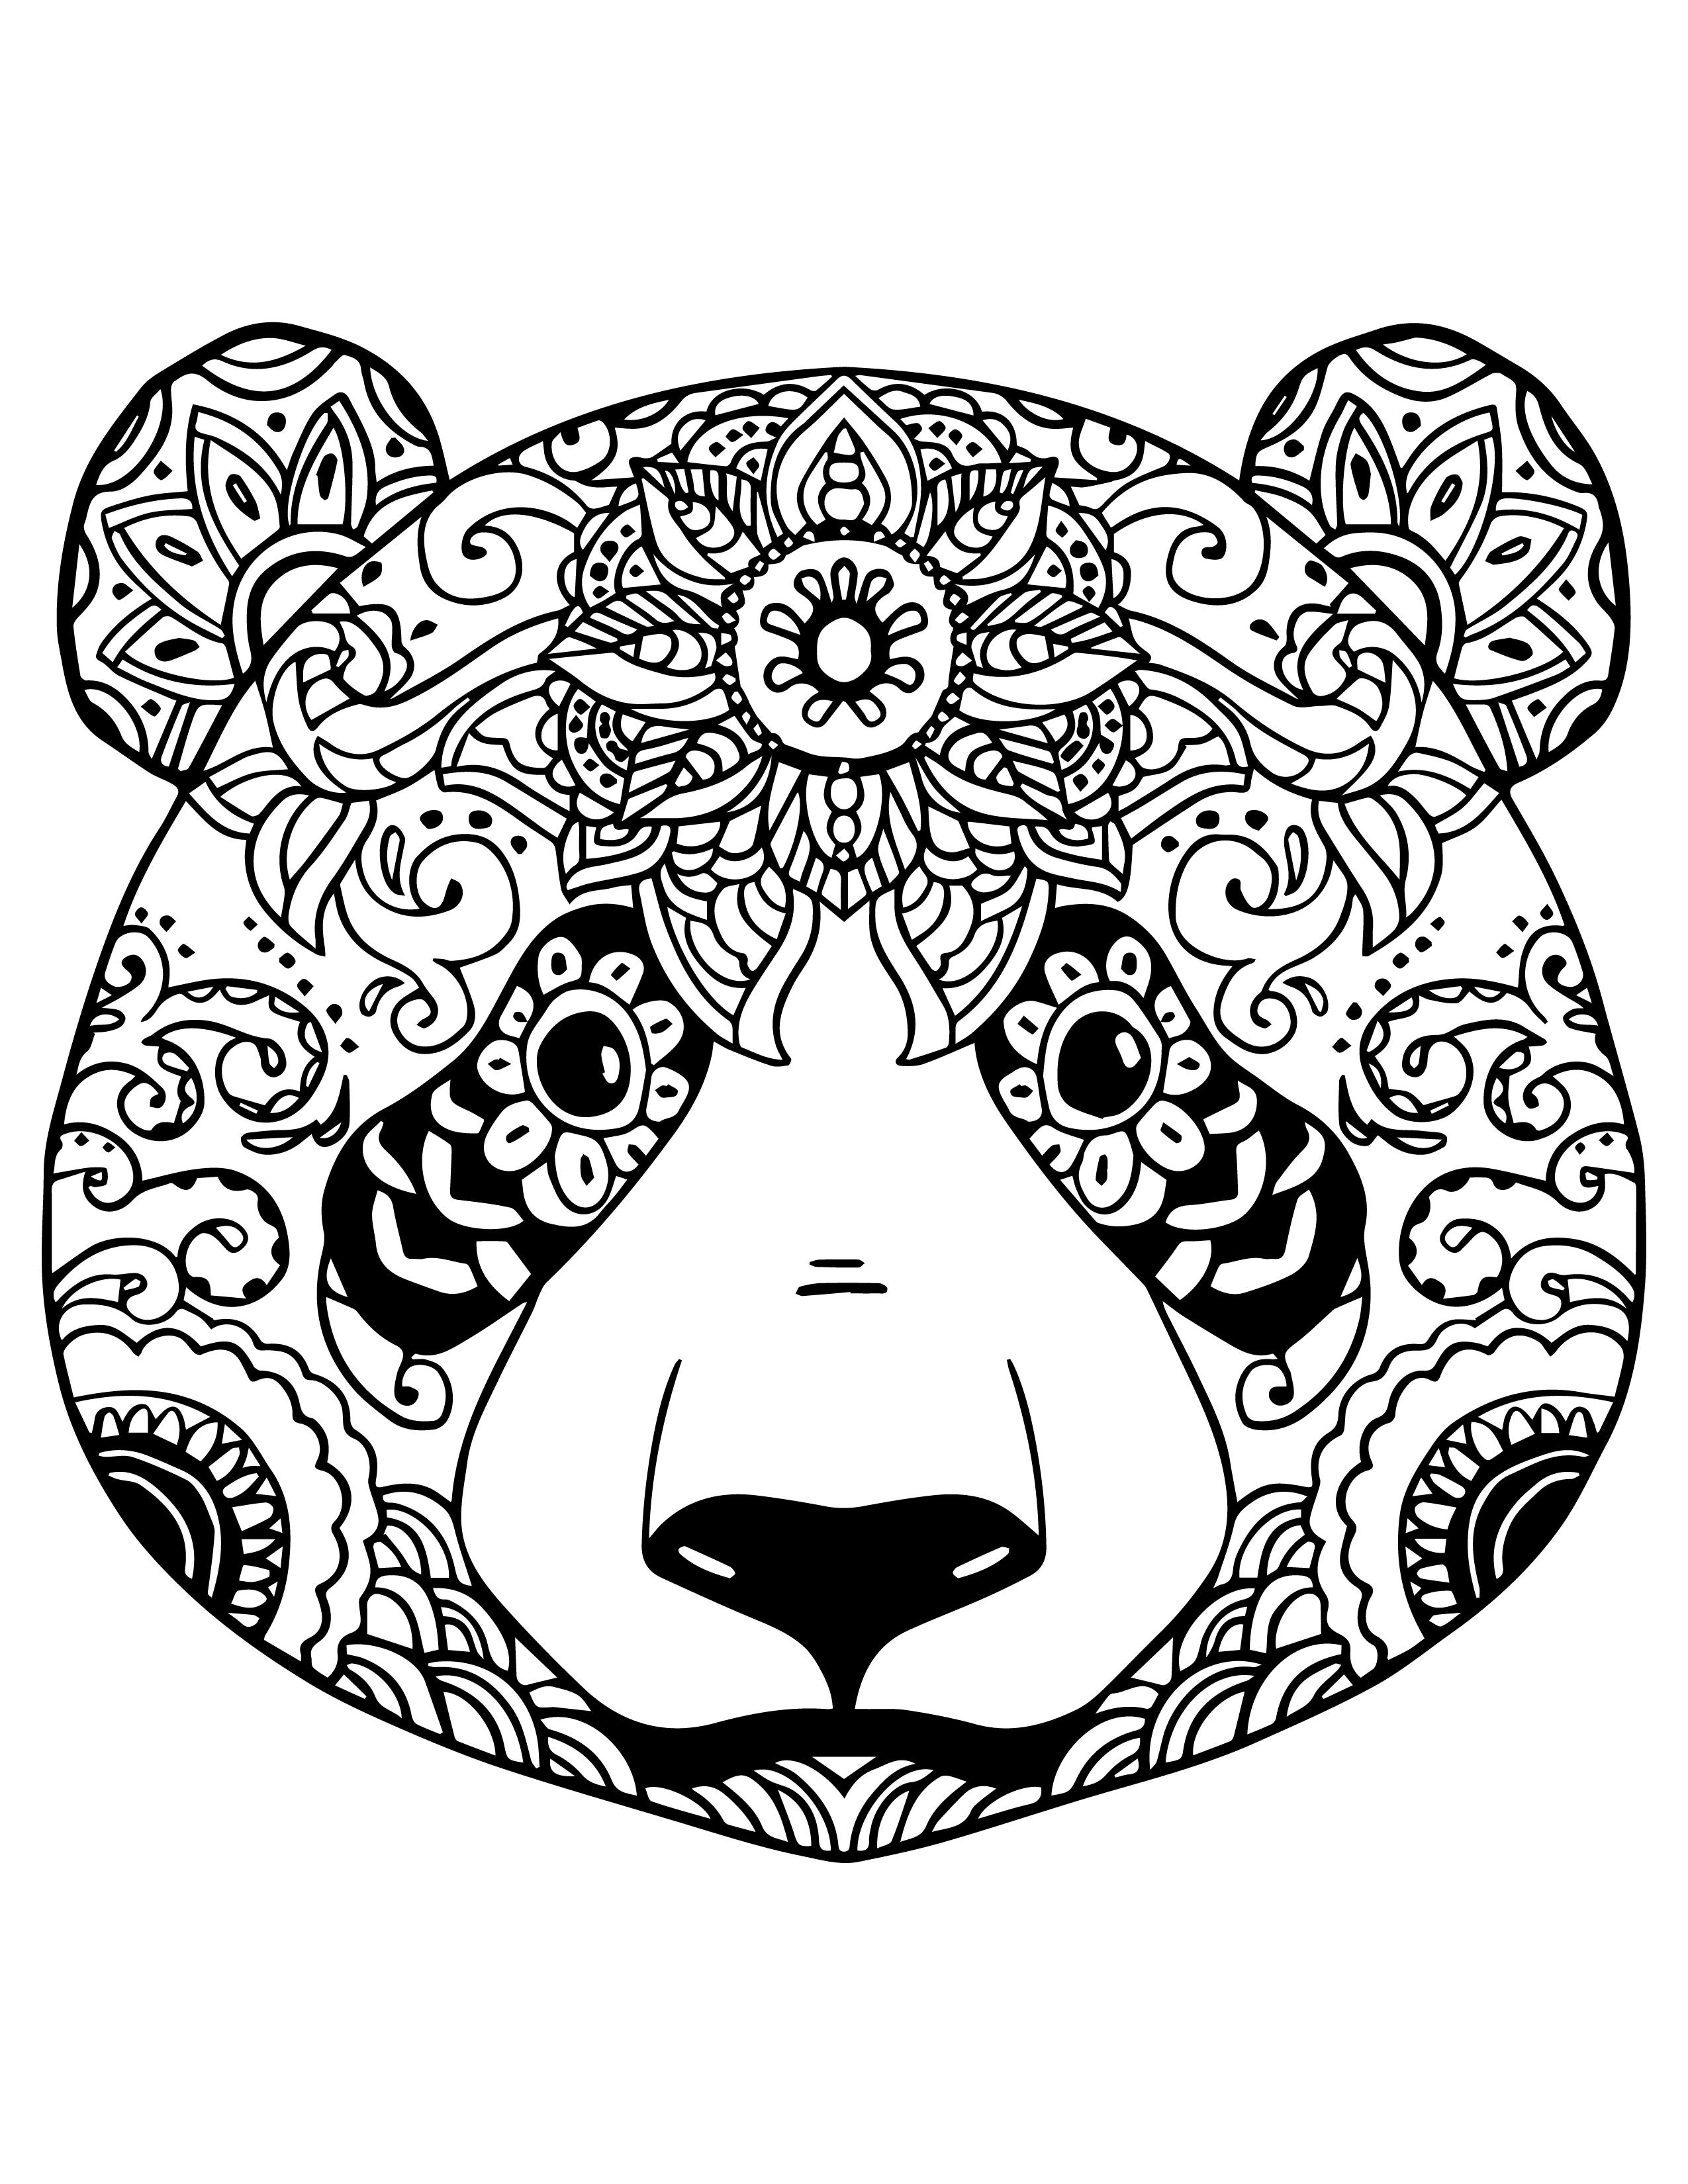 Dessin Panda Facile coloriage gratuit adorable panda colorier - dessin original facile